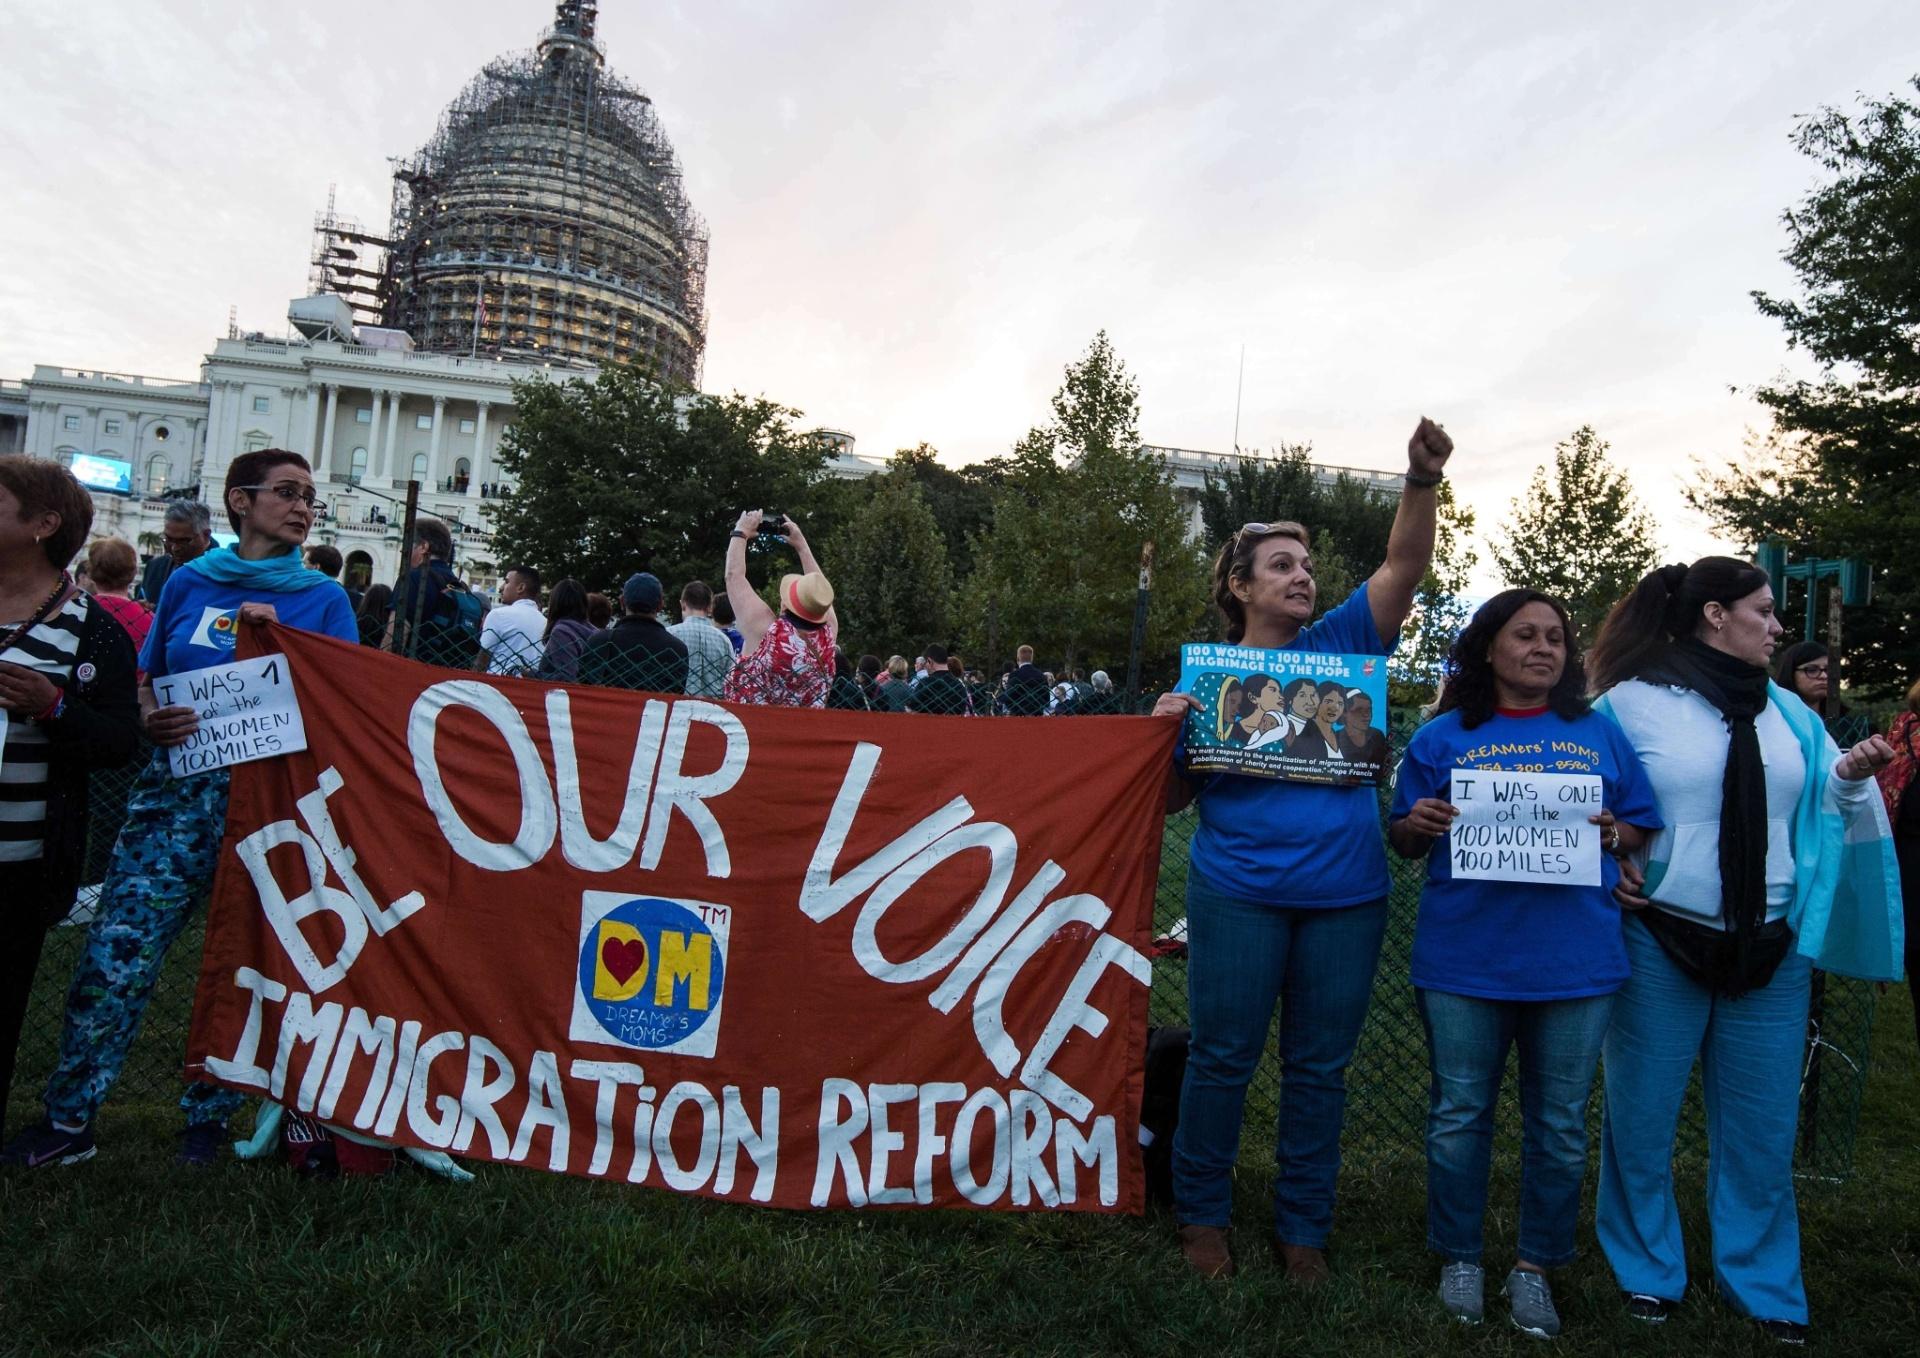 24.set.2015 - Ativistas favoráveis à reforma de imigração norte-americana seguram faixa na frente do Capitólio, em Washington, antes de reunião do papa Francisco no Congresso dos EUA. Na faixa vermelha lê-se